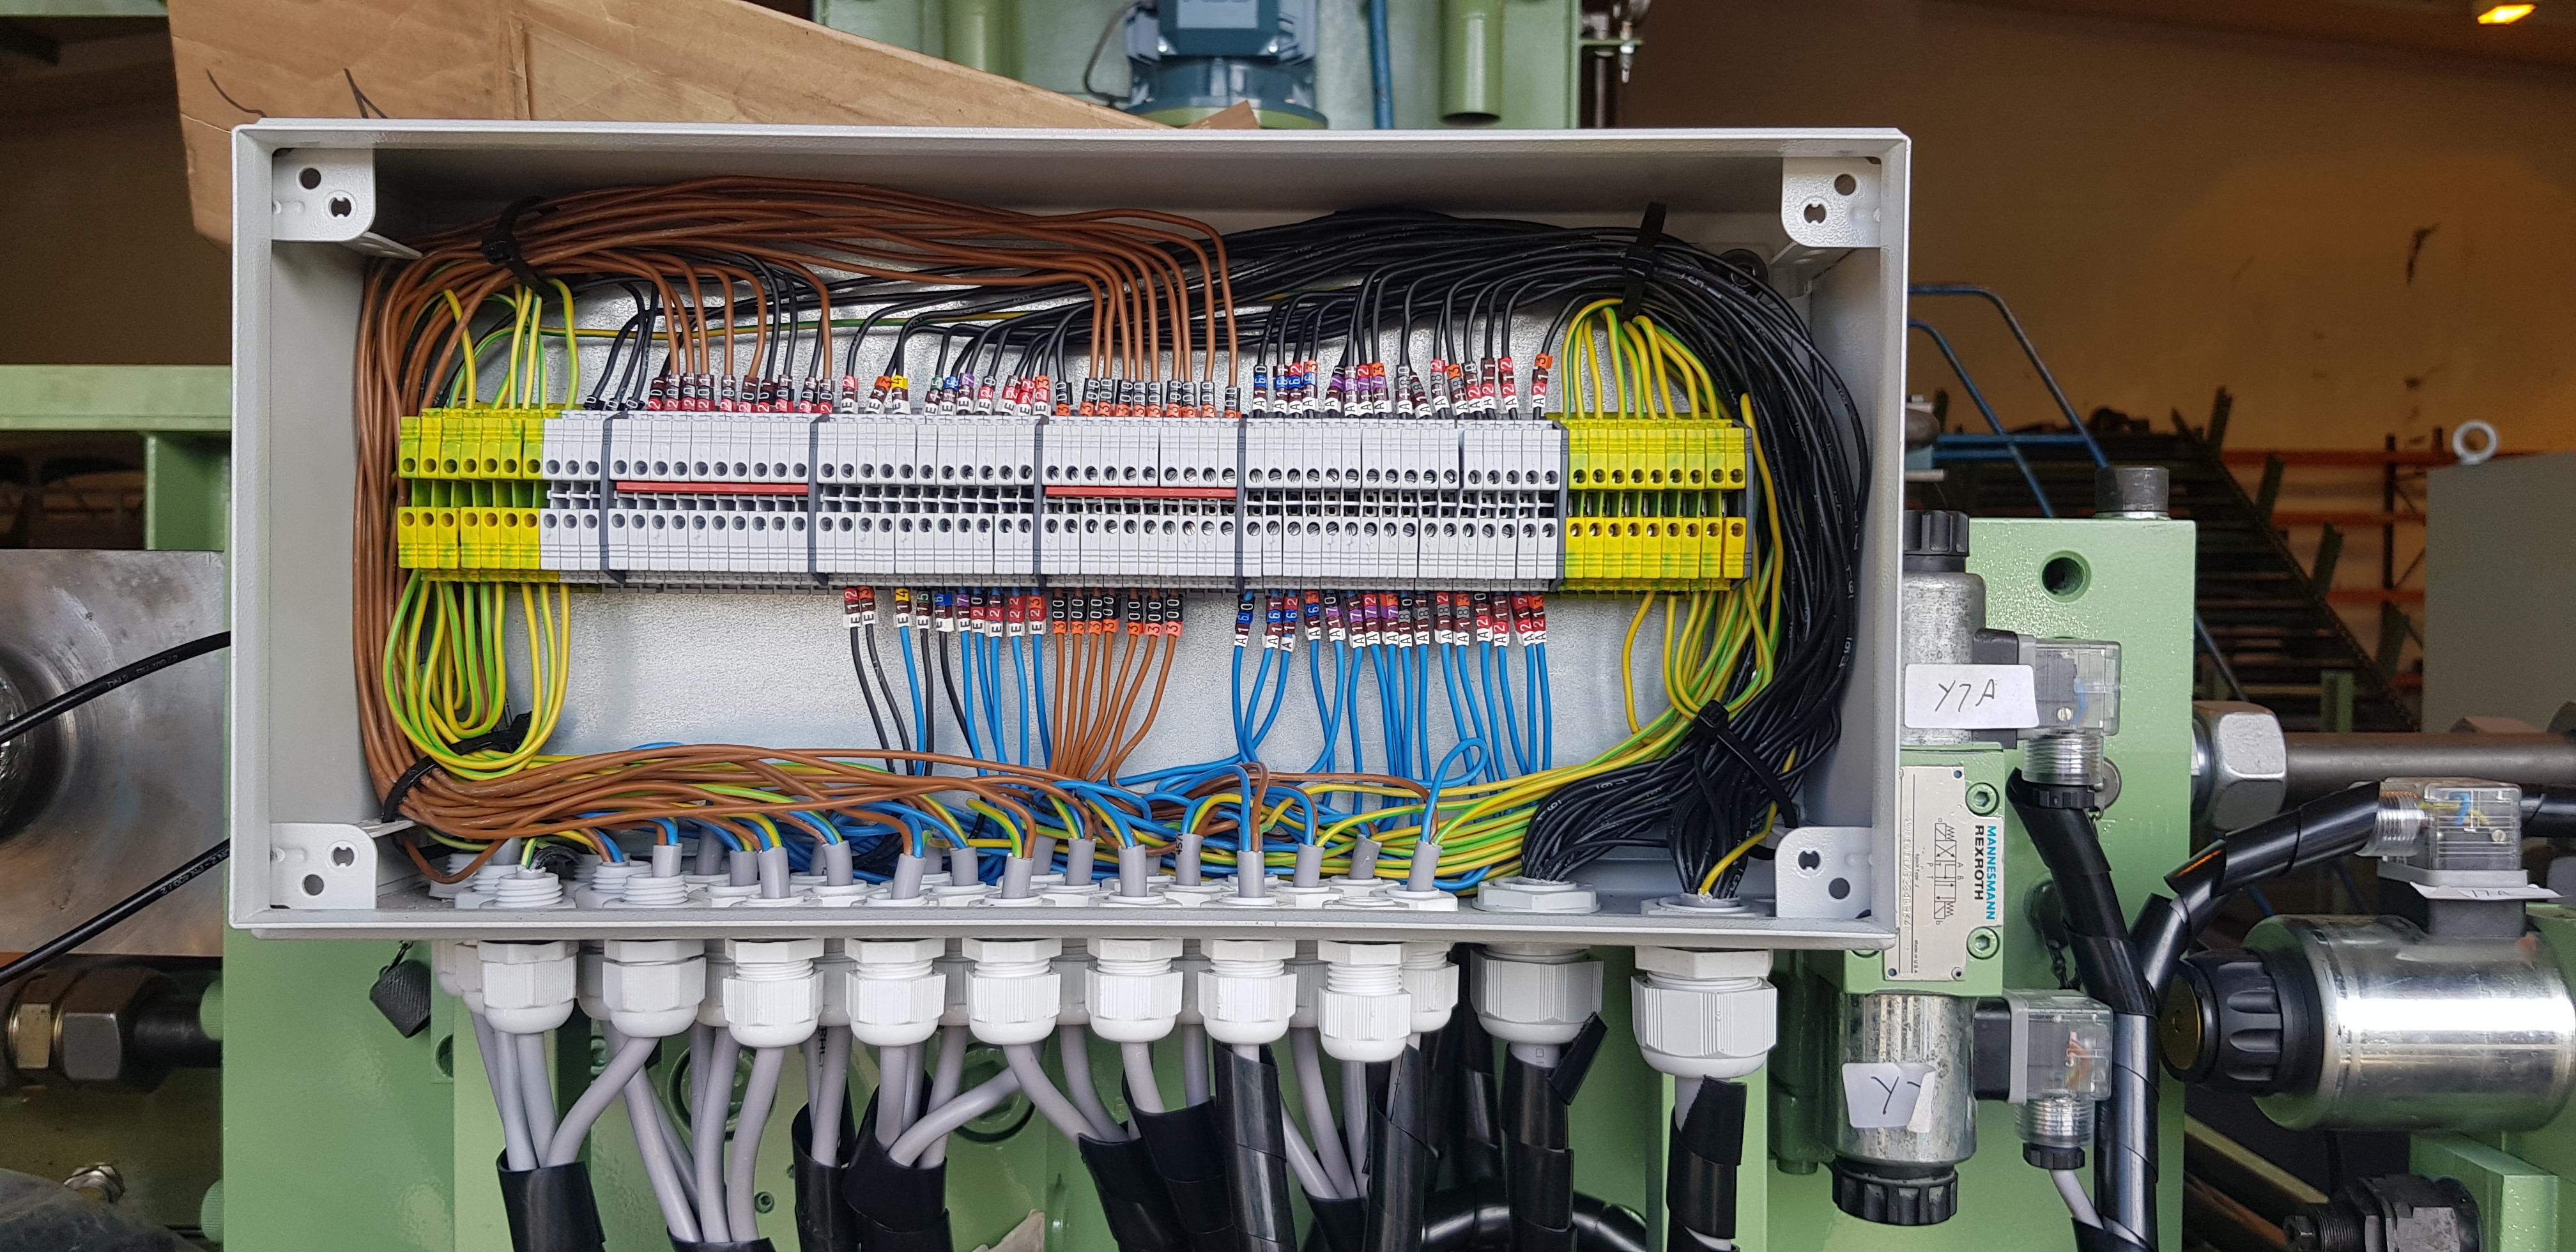 Electrical Breakdown and Repairs